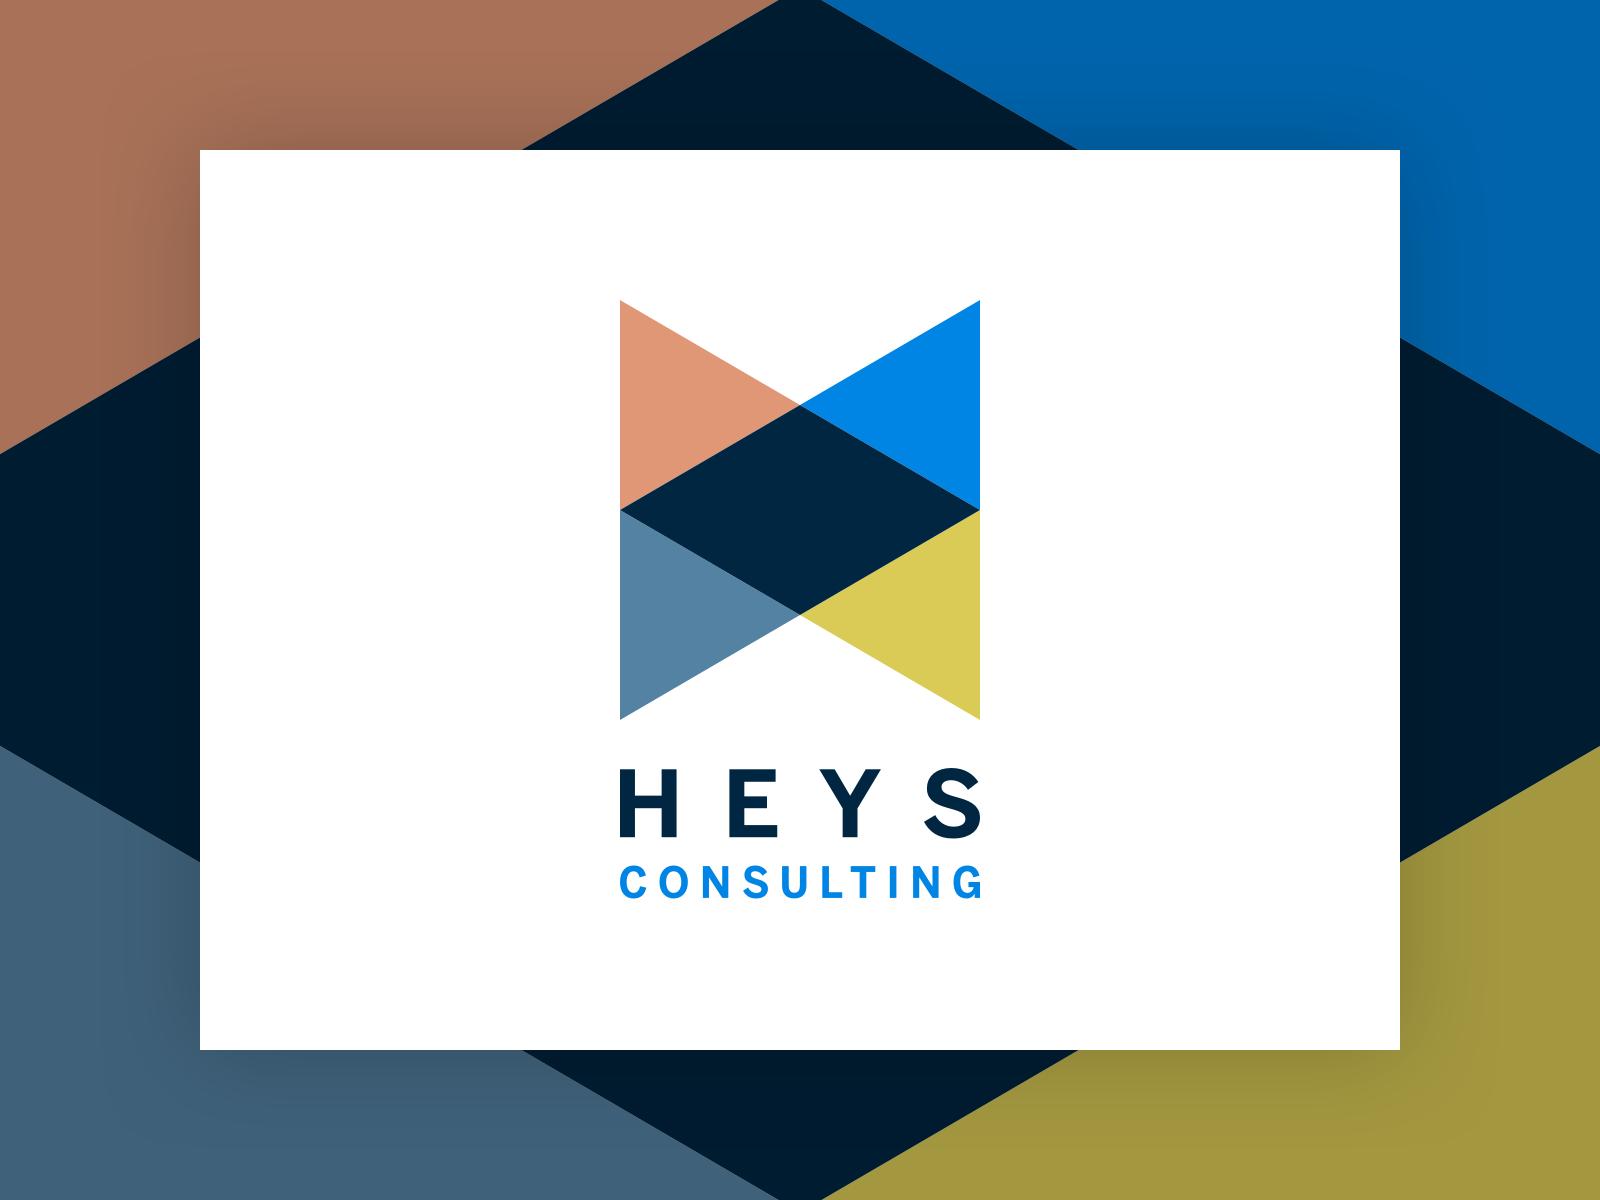 Heys consulting alt unused 4x